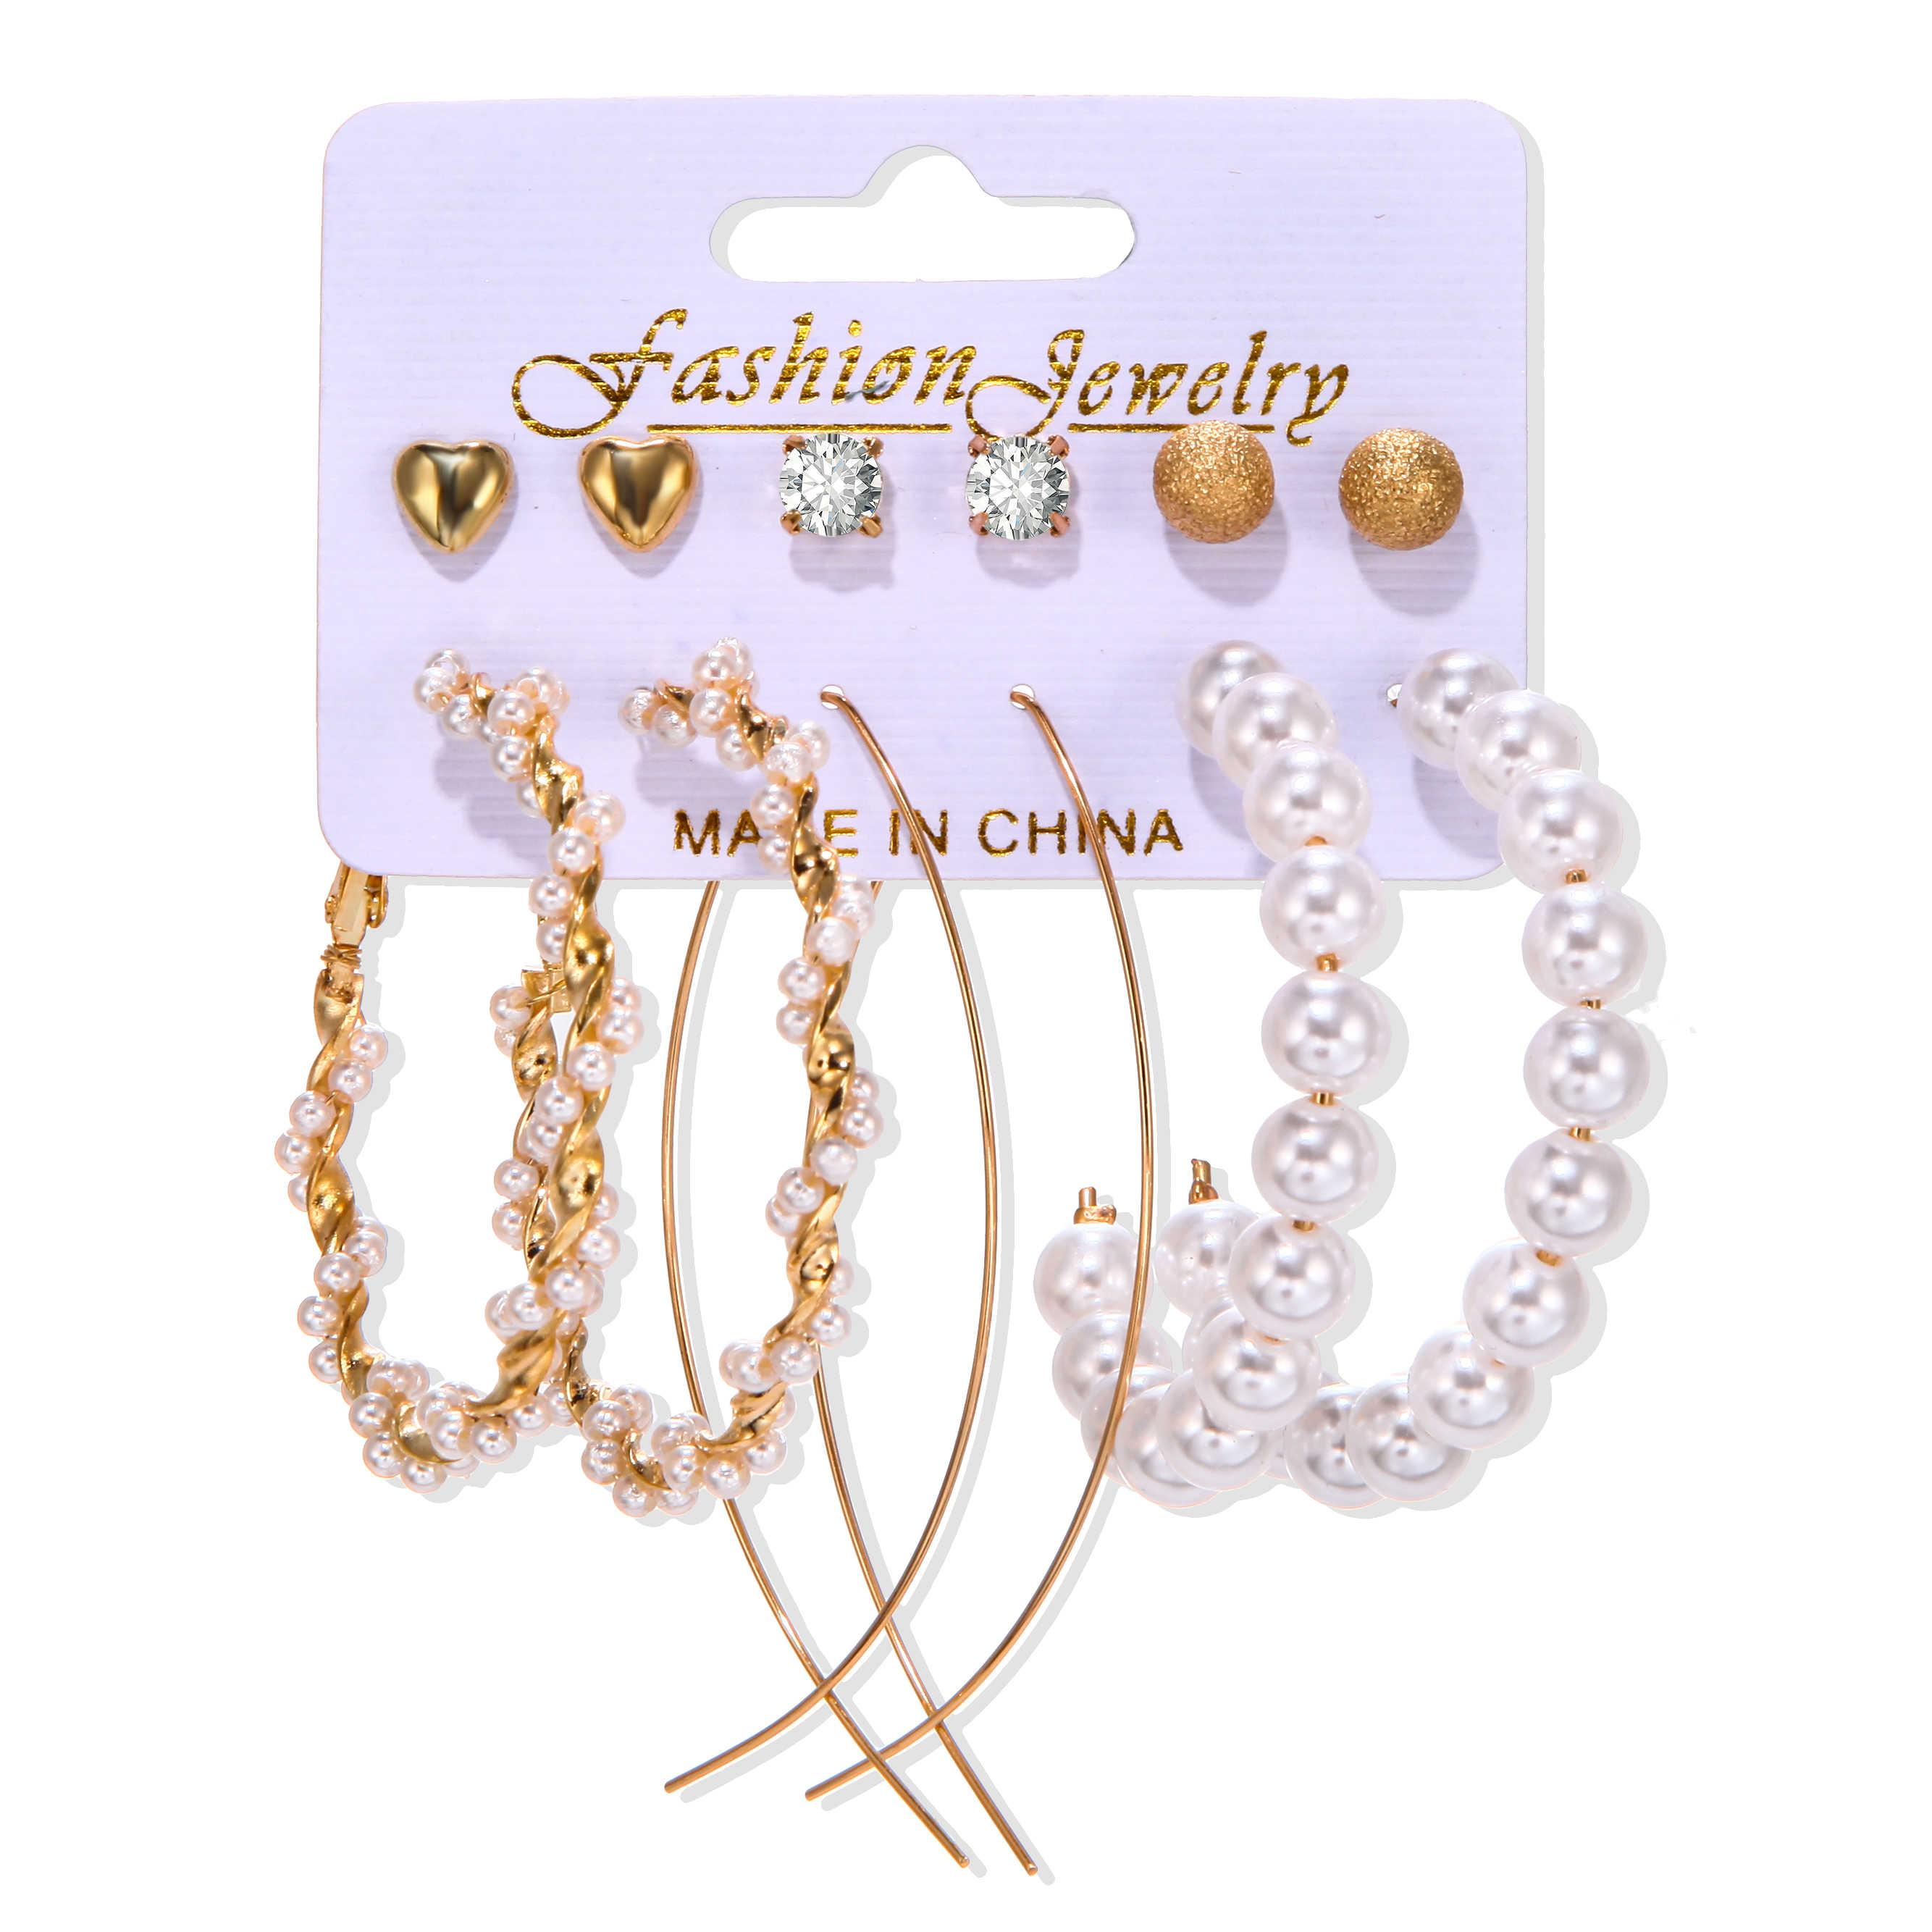 נשים עגילי סט ציצית פרל עגילים לנשים בוהמי תכשיטים 2020 גיאומטרי Kolczyki חישוק עגילים